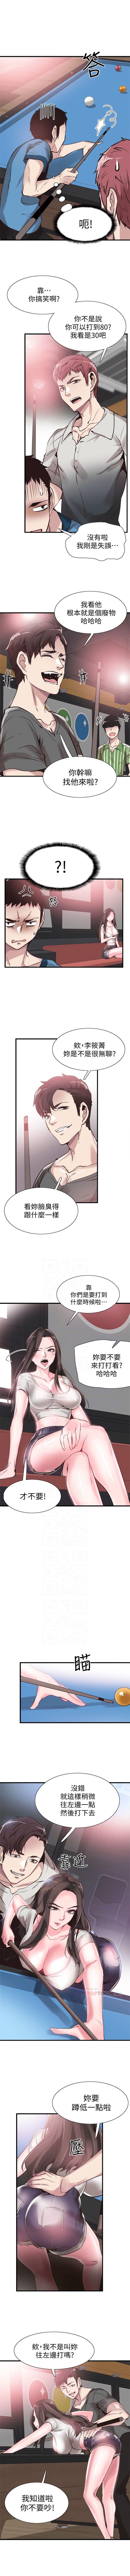 (週7)校園live秀 1-50 中文翻譯(更新中) 198